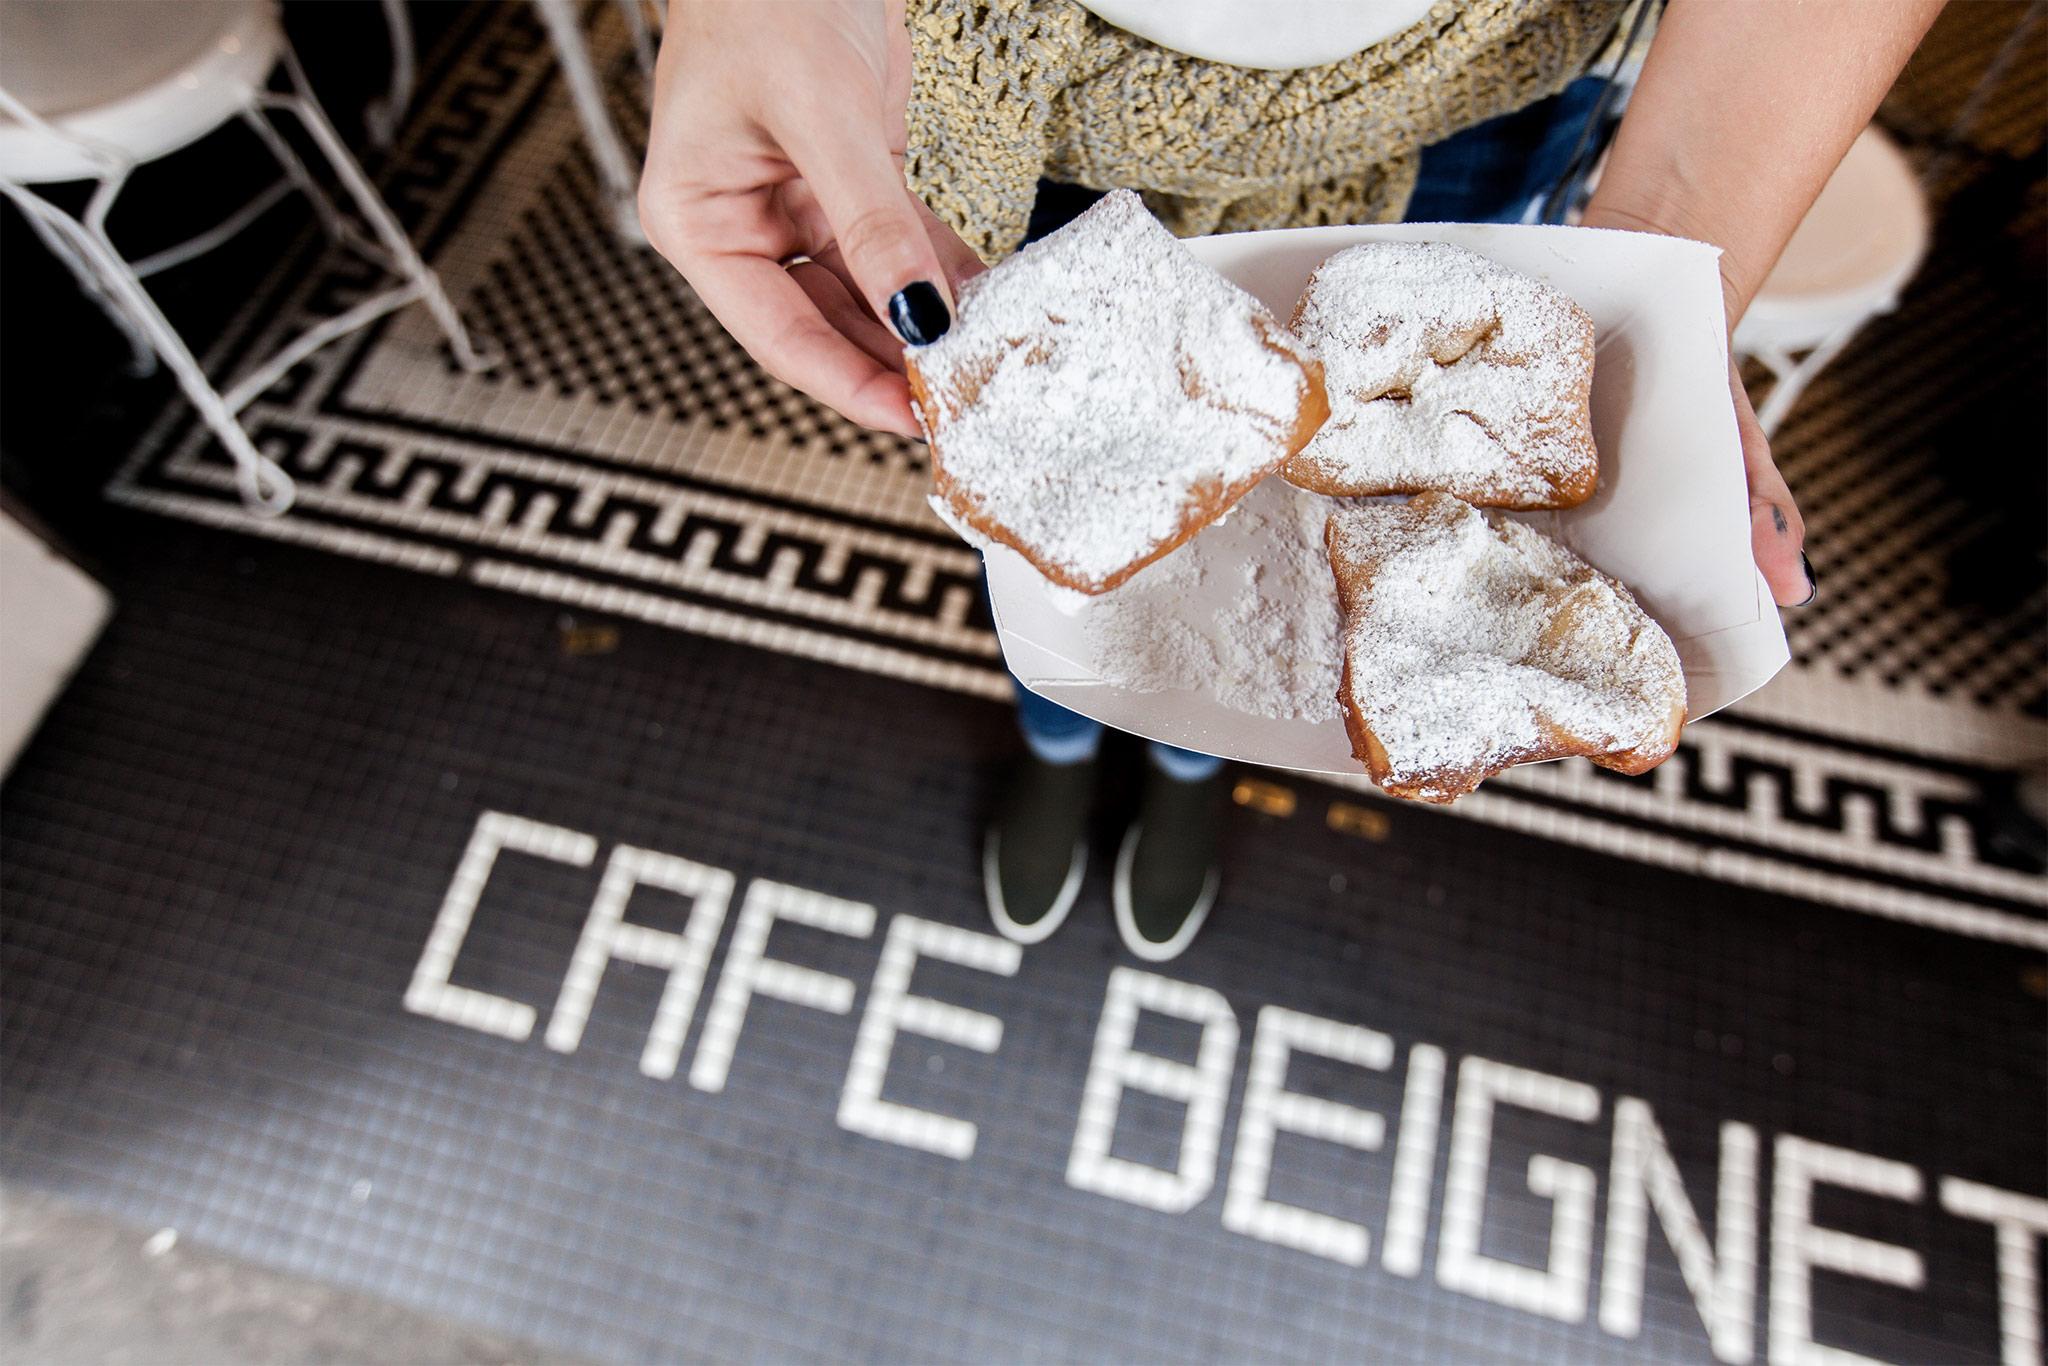 Cafe Beignet Beignets